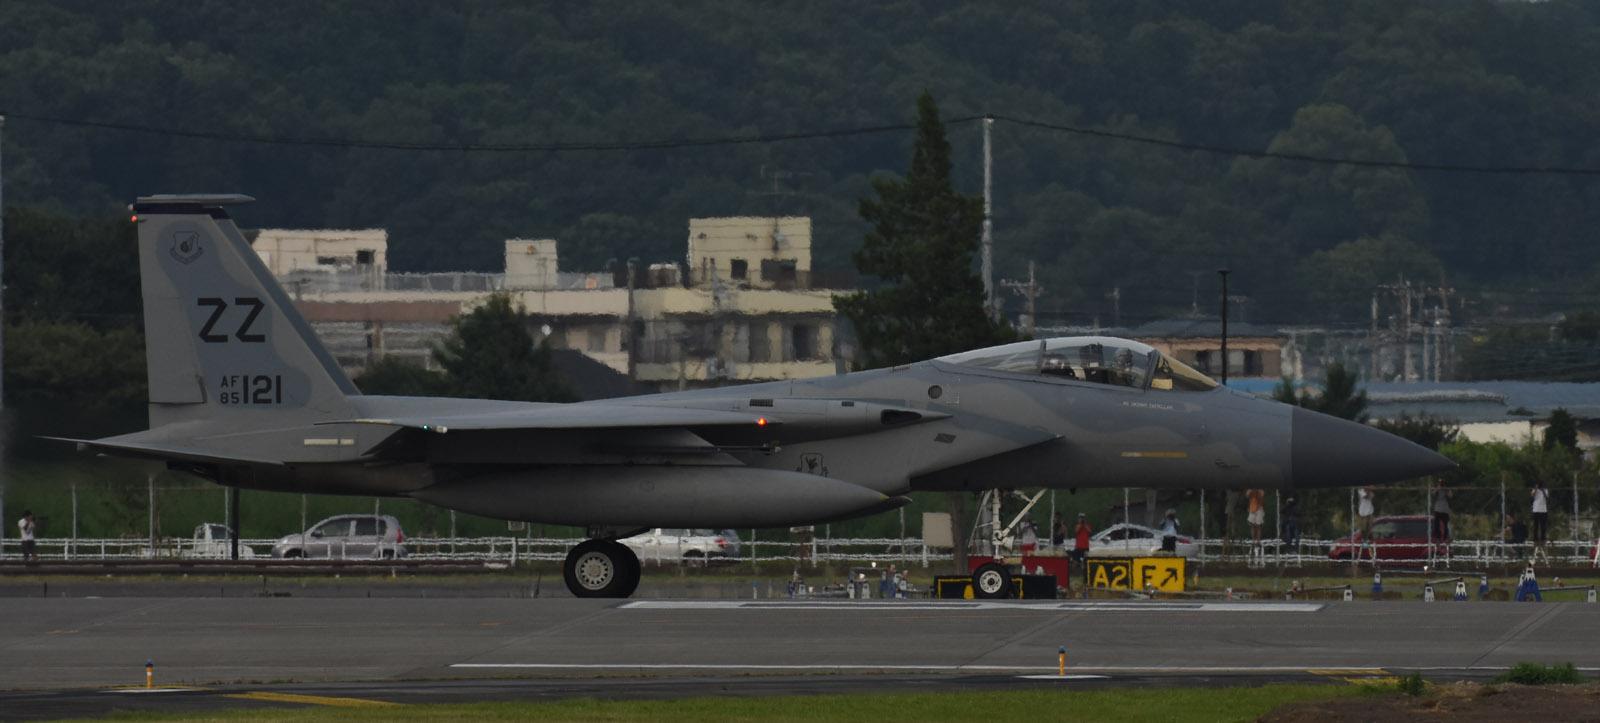 F15c180711g792